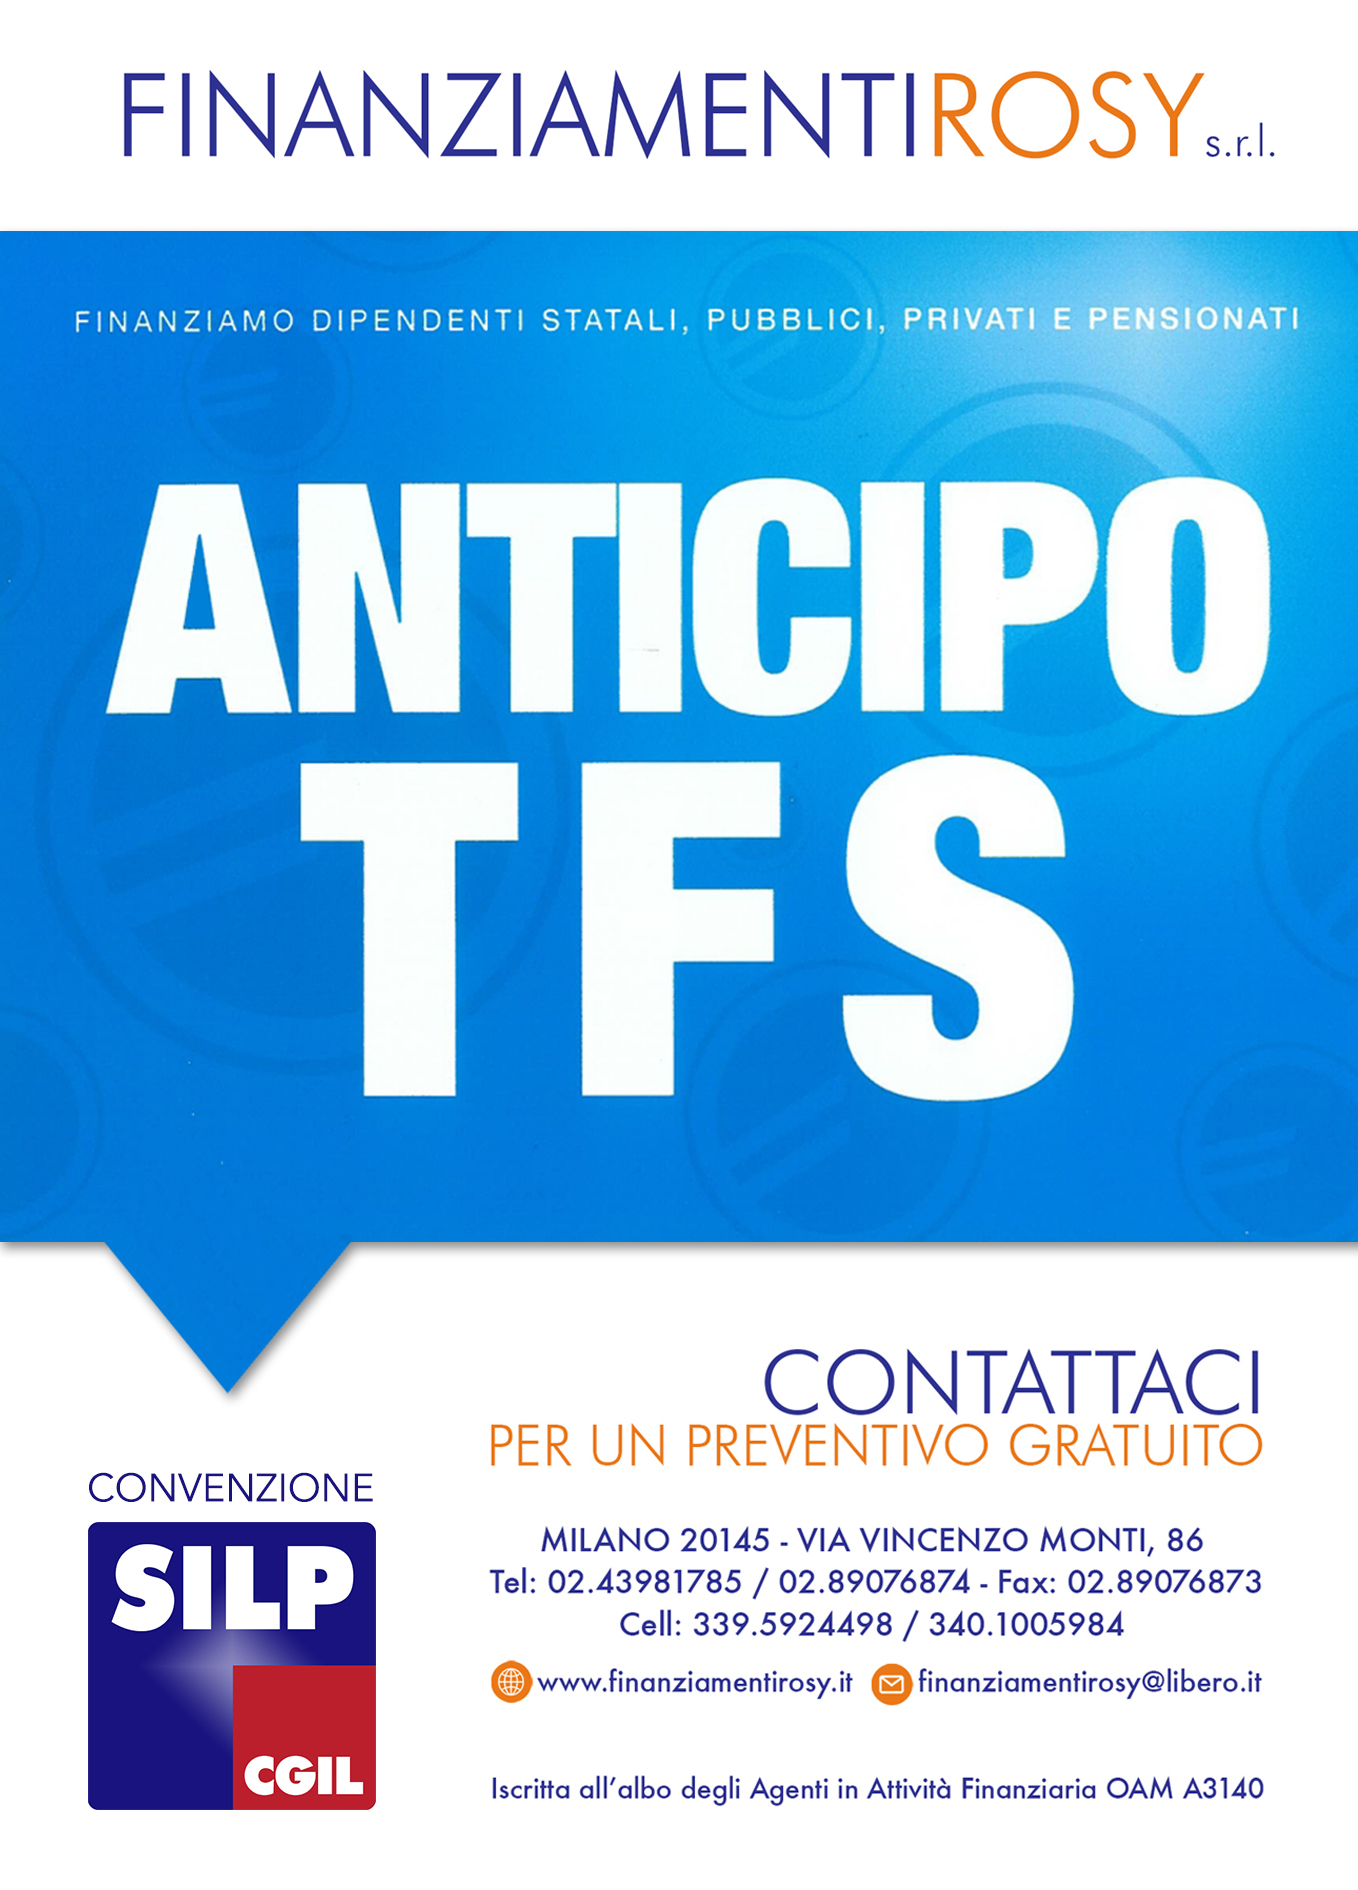 Finanziamenti Rosy, convenzione SILP CGIL per ANTICIPO TFS